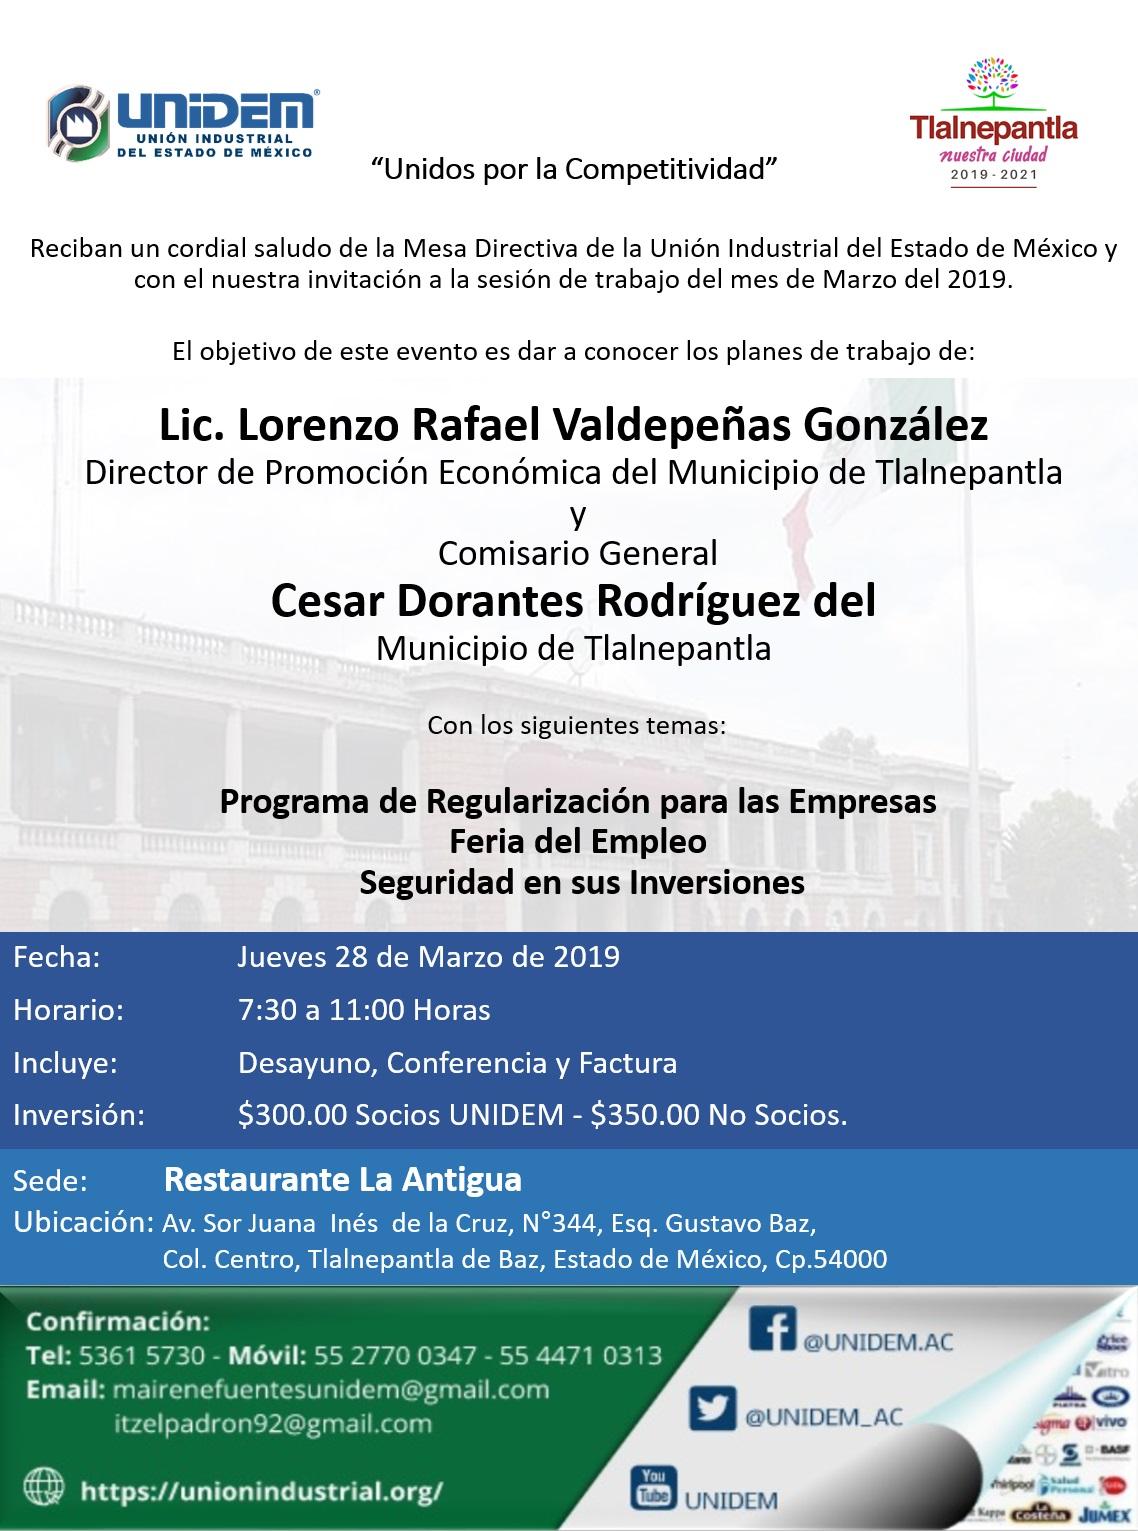 UNIDEM - Sede Tlalnepantla SESIÓN DE TRABAJO DEL MES DE MARZO DEL 2019.